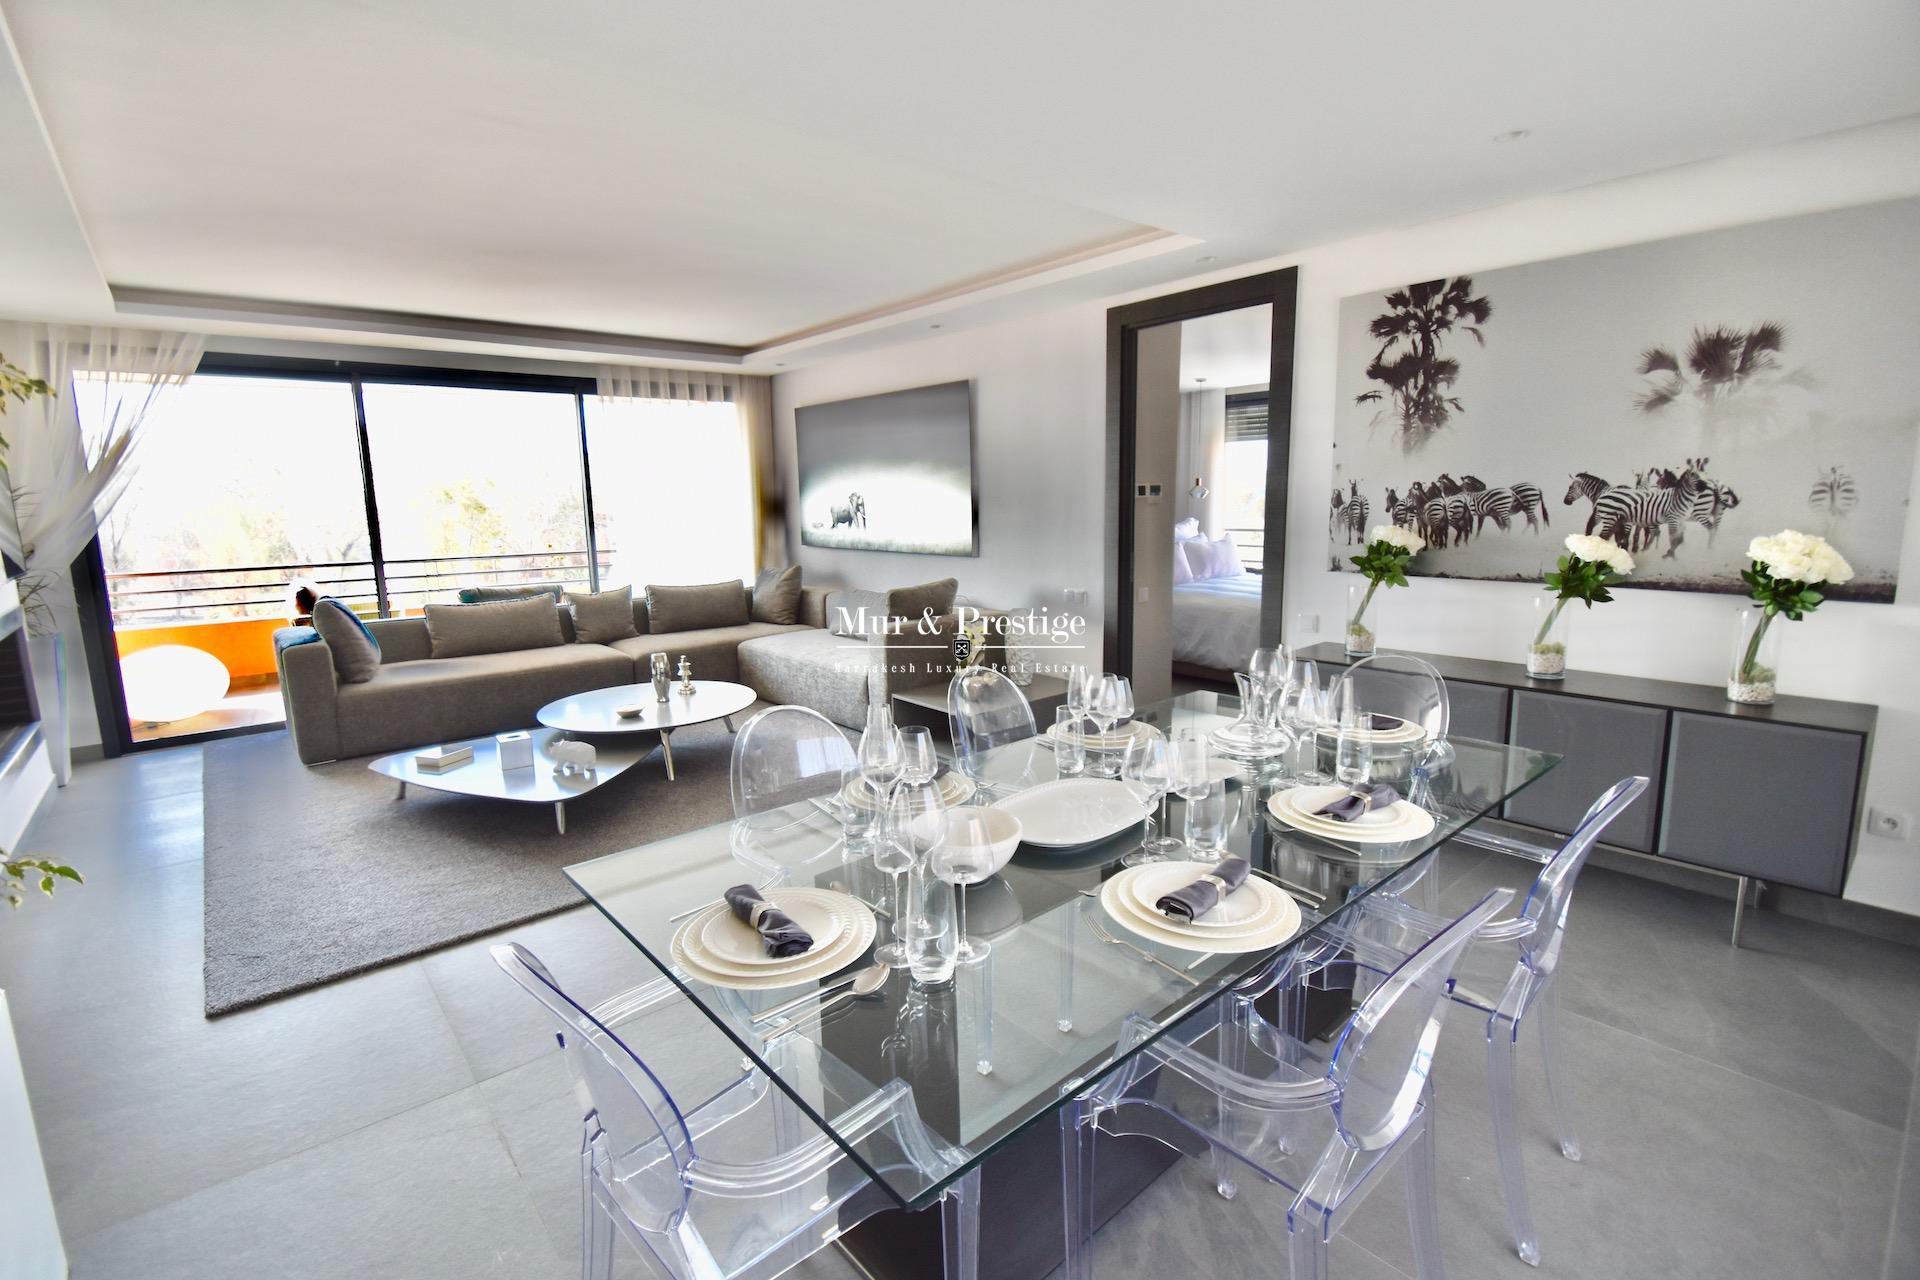 Agence immobilière Marrakech- appartement en vente de deux chambres